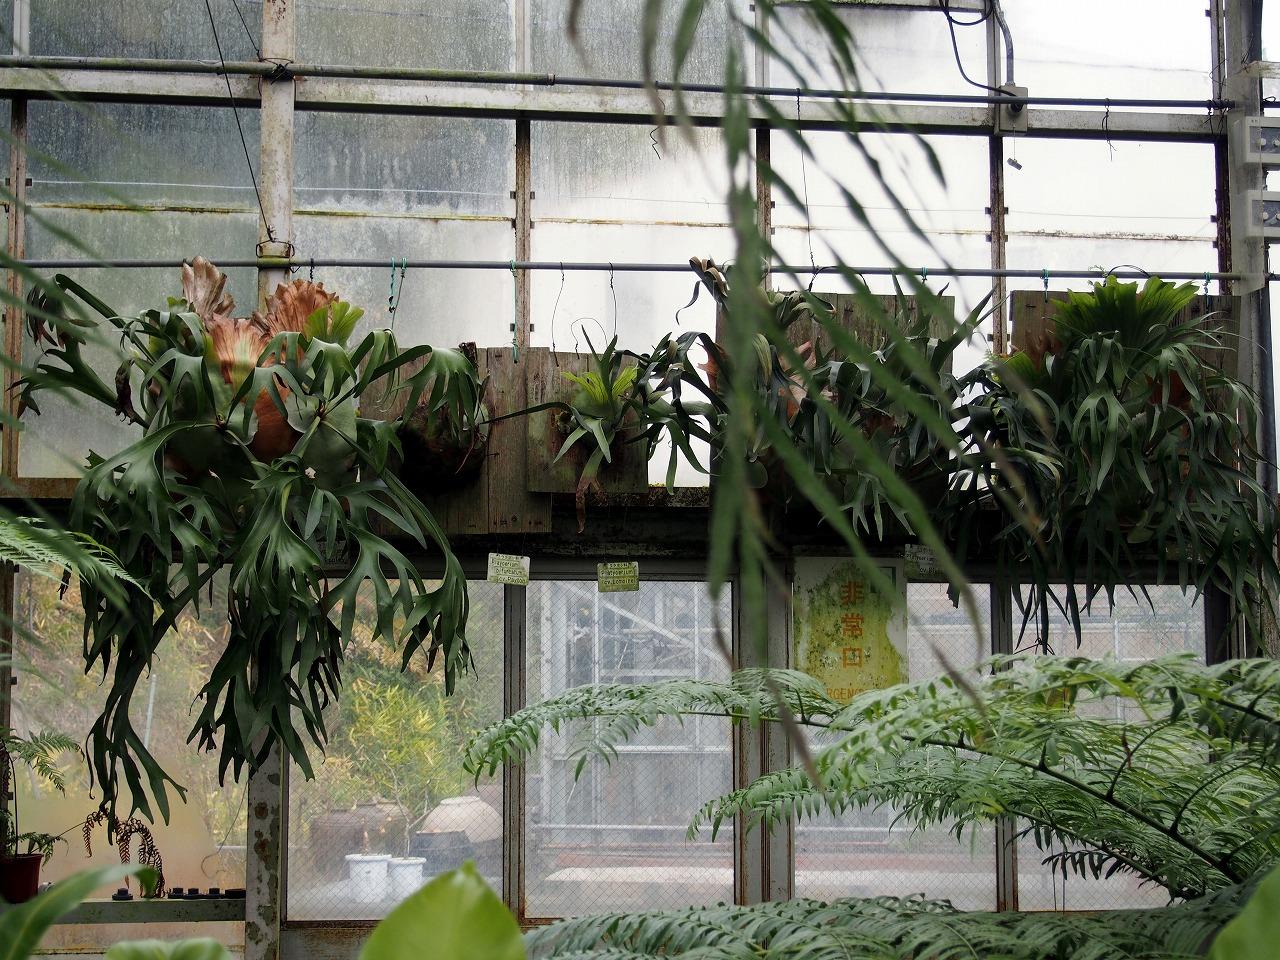 BotanicalGarden115_20141115.jpg